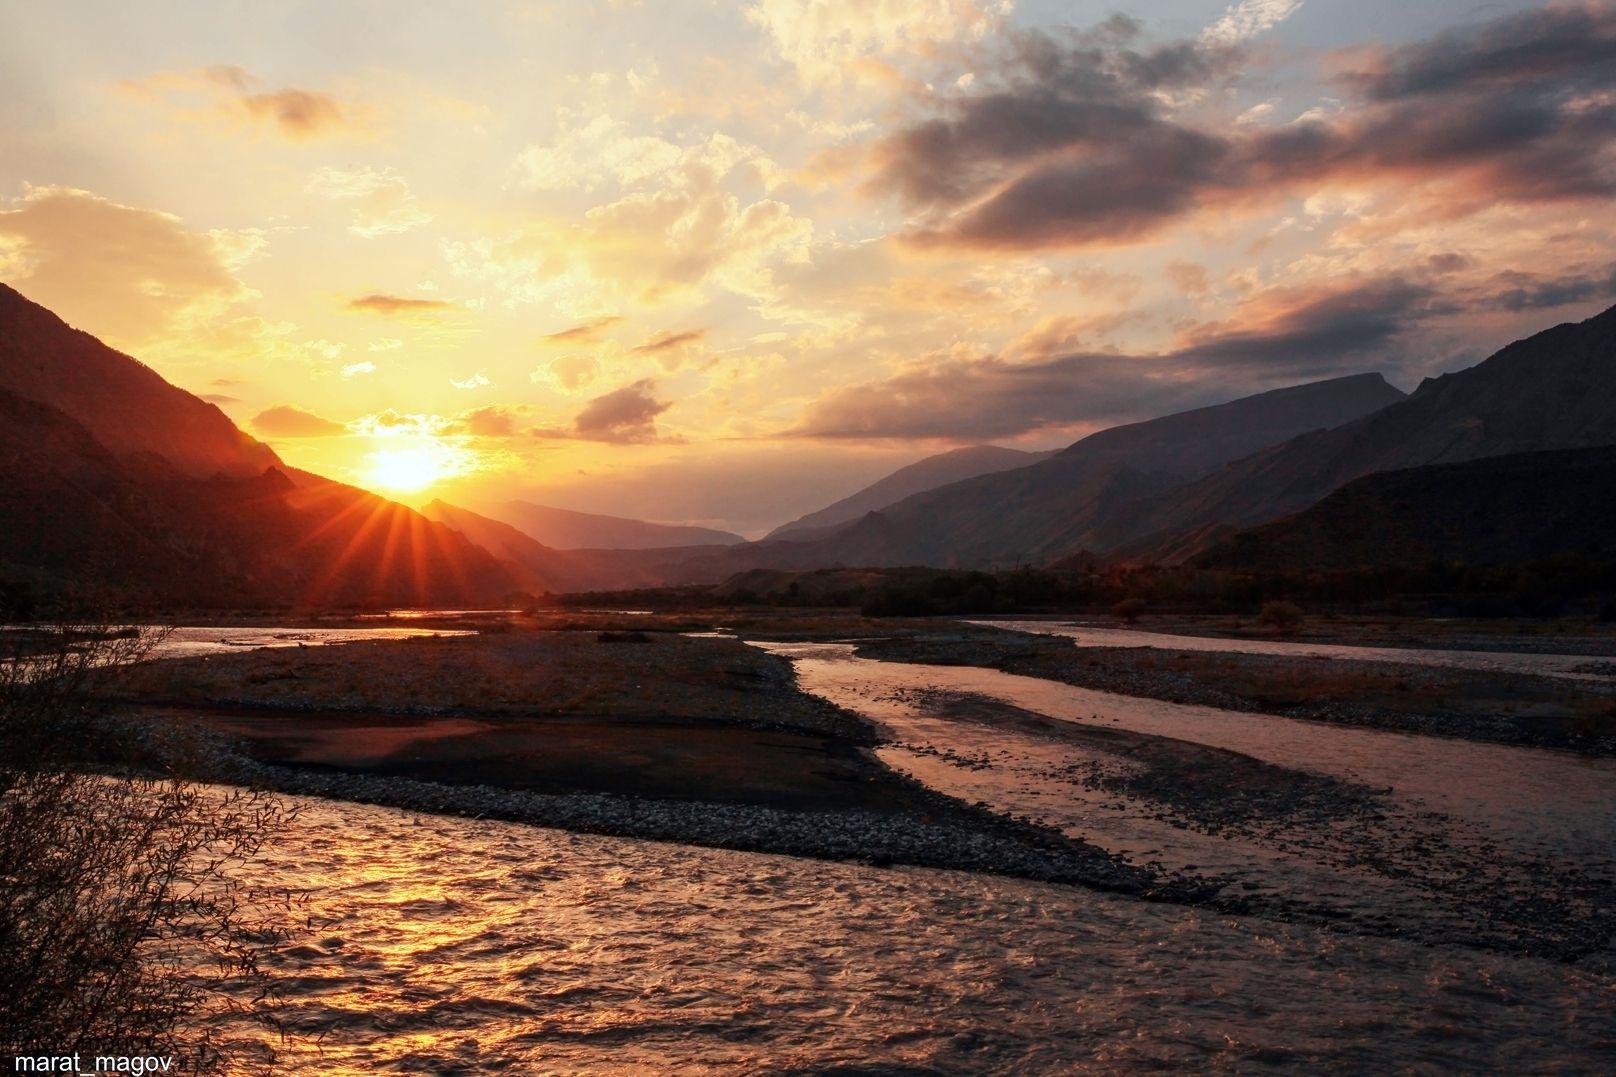 горы,река,вершины,пейзаж,небо,деревья,дагестан,природа, Magov Marat